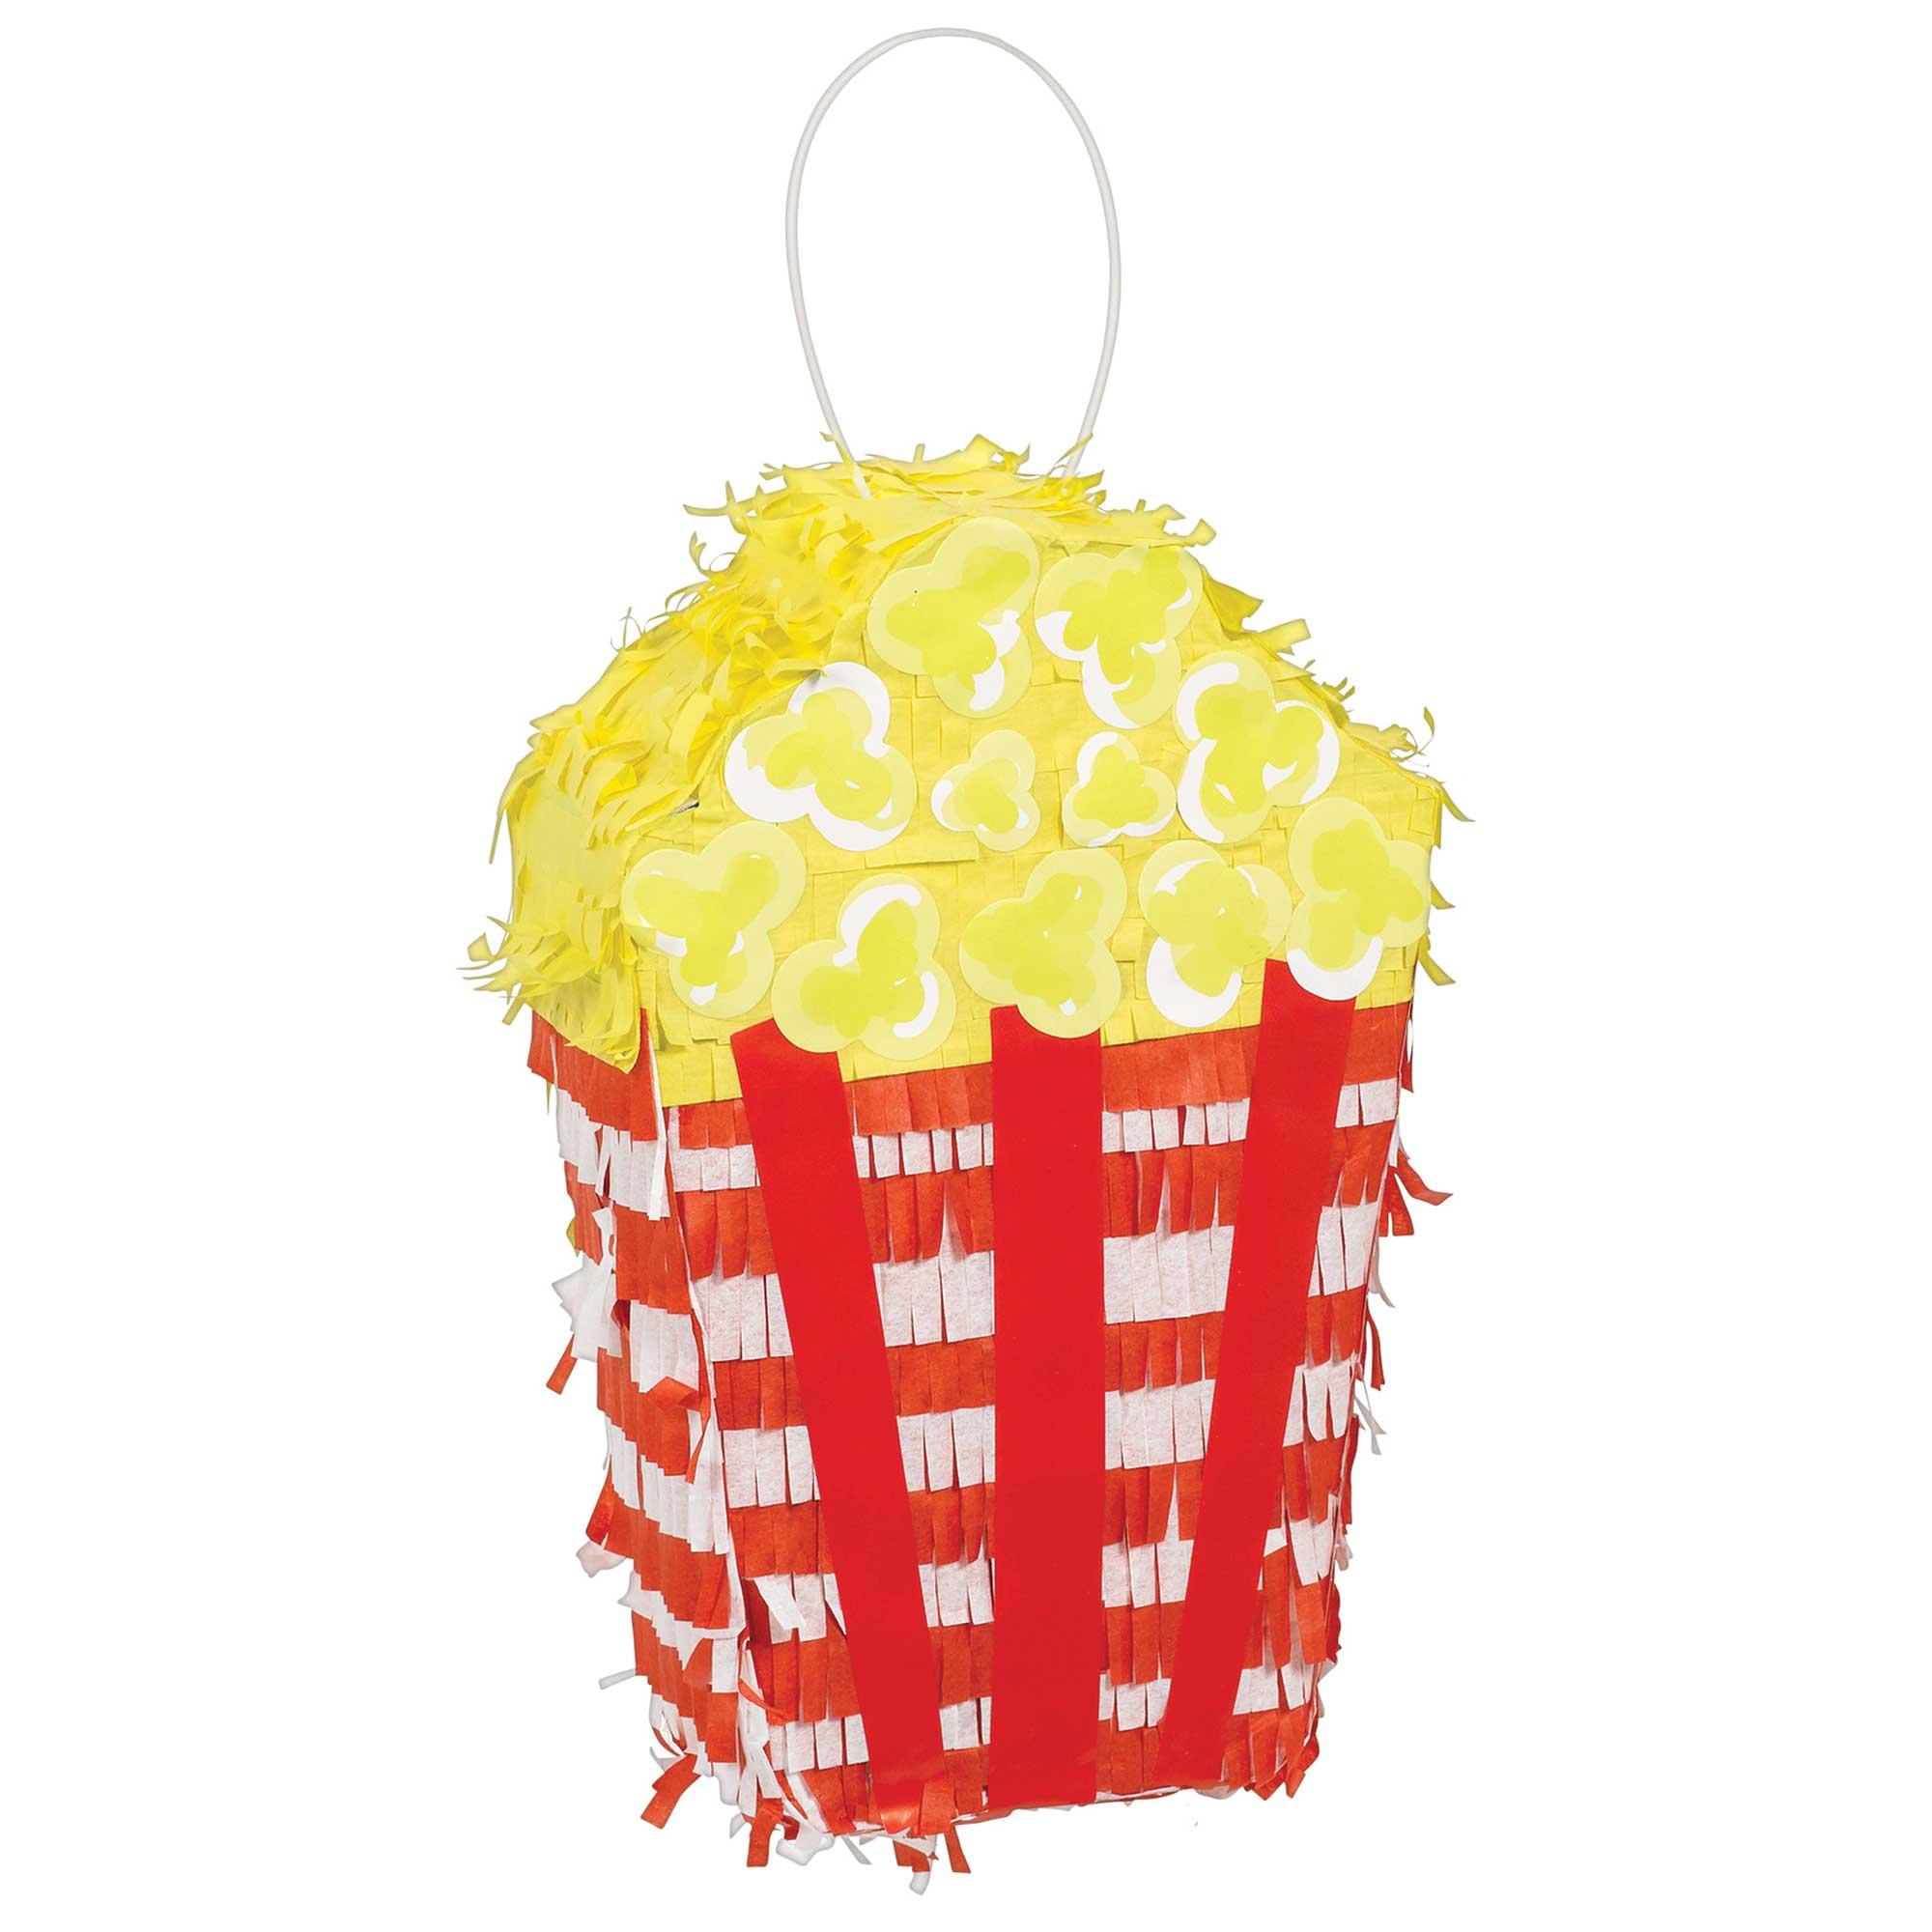 Carnival Games Mini Pinata Popcorn Box Decoration